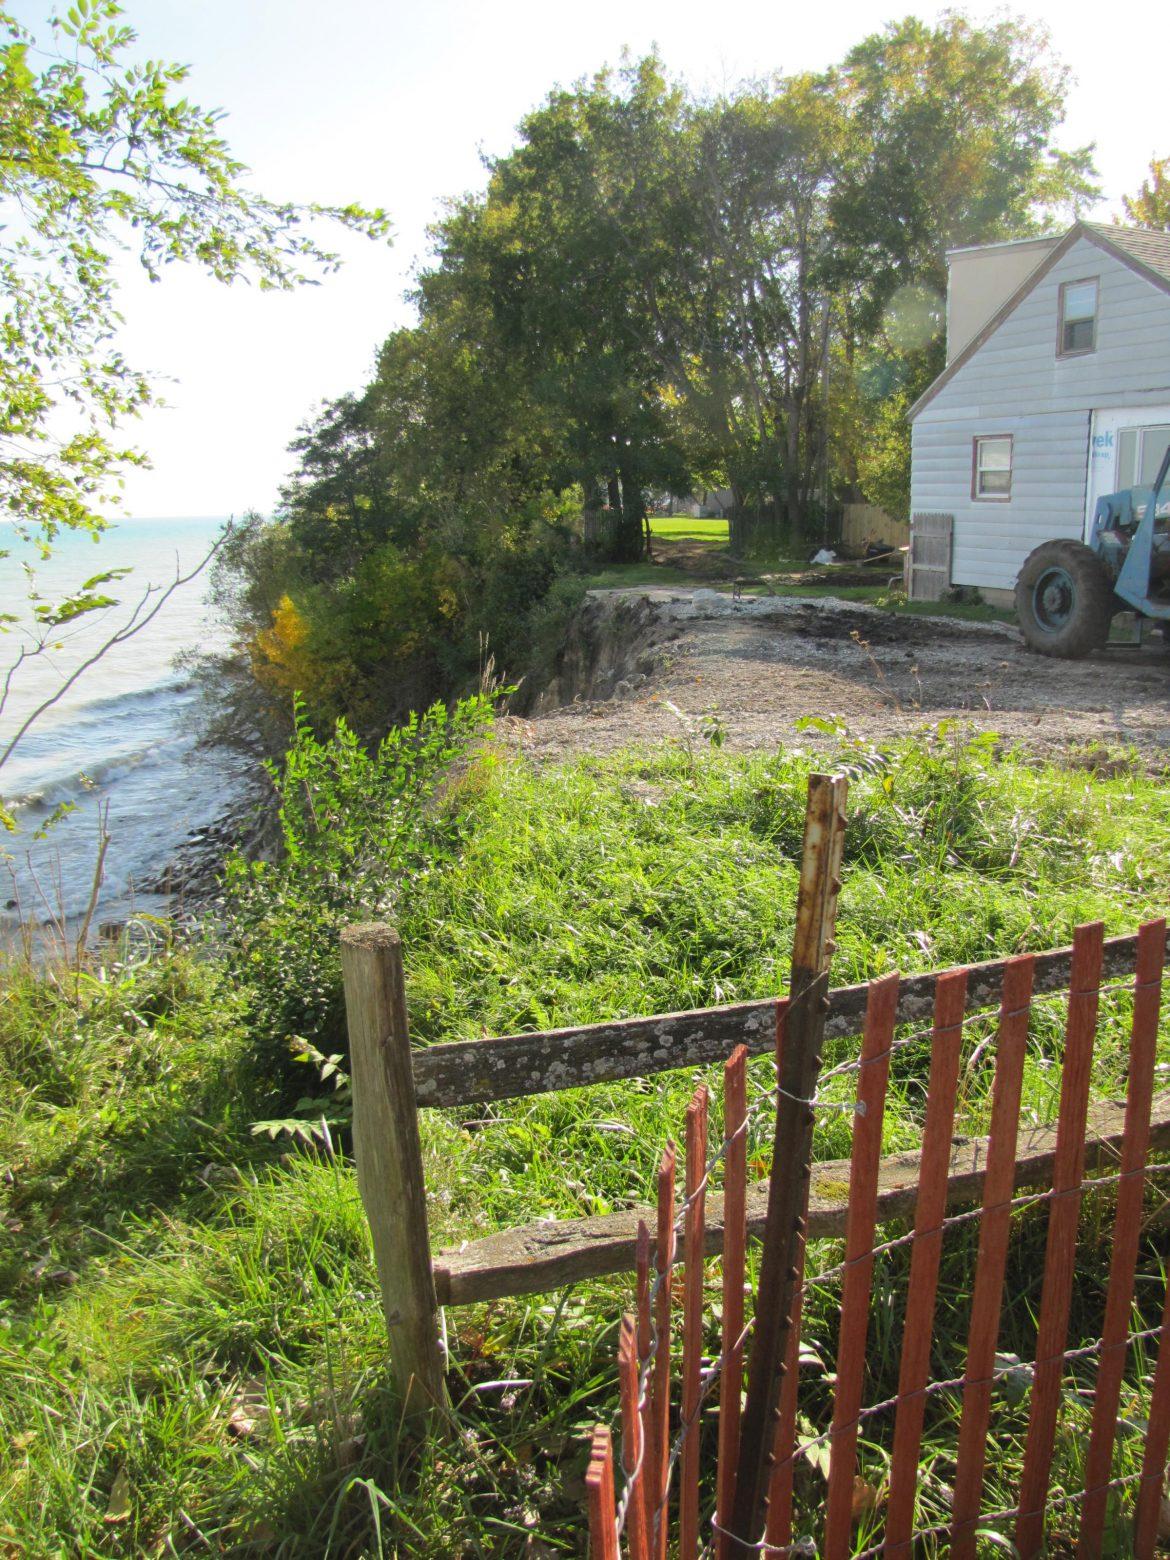 Lake is encroaching on homes. Image: Susan Bence